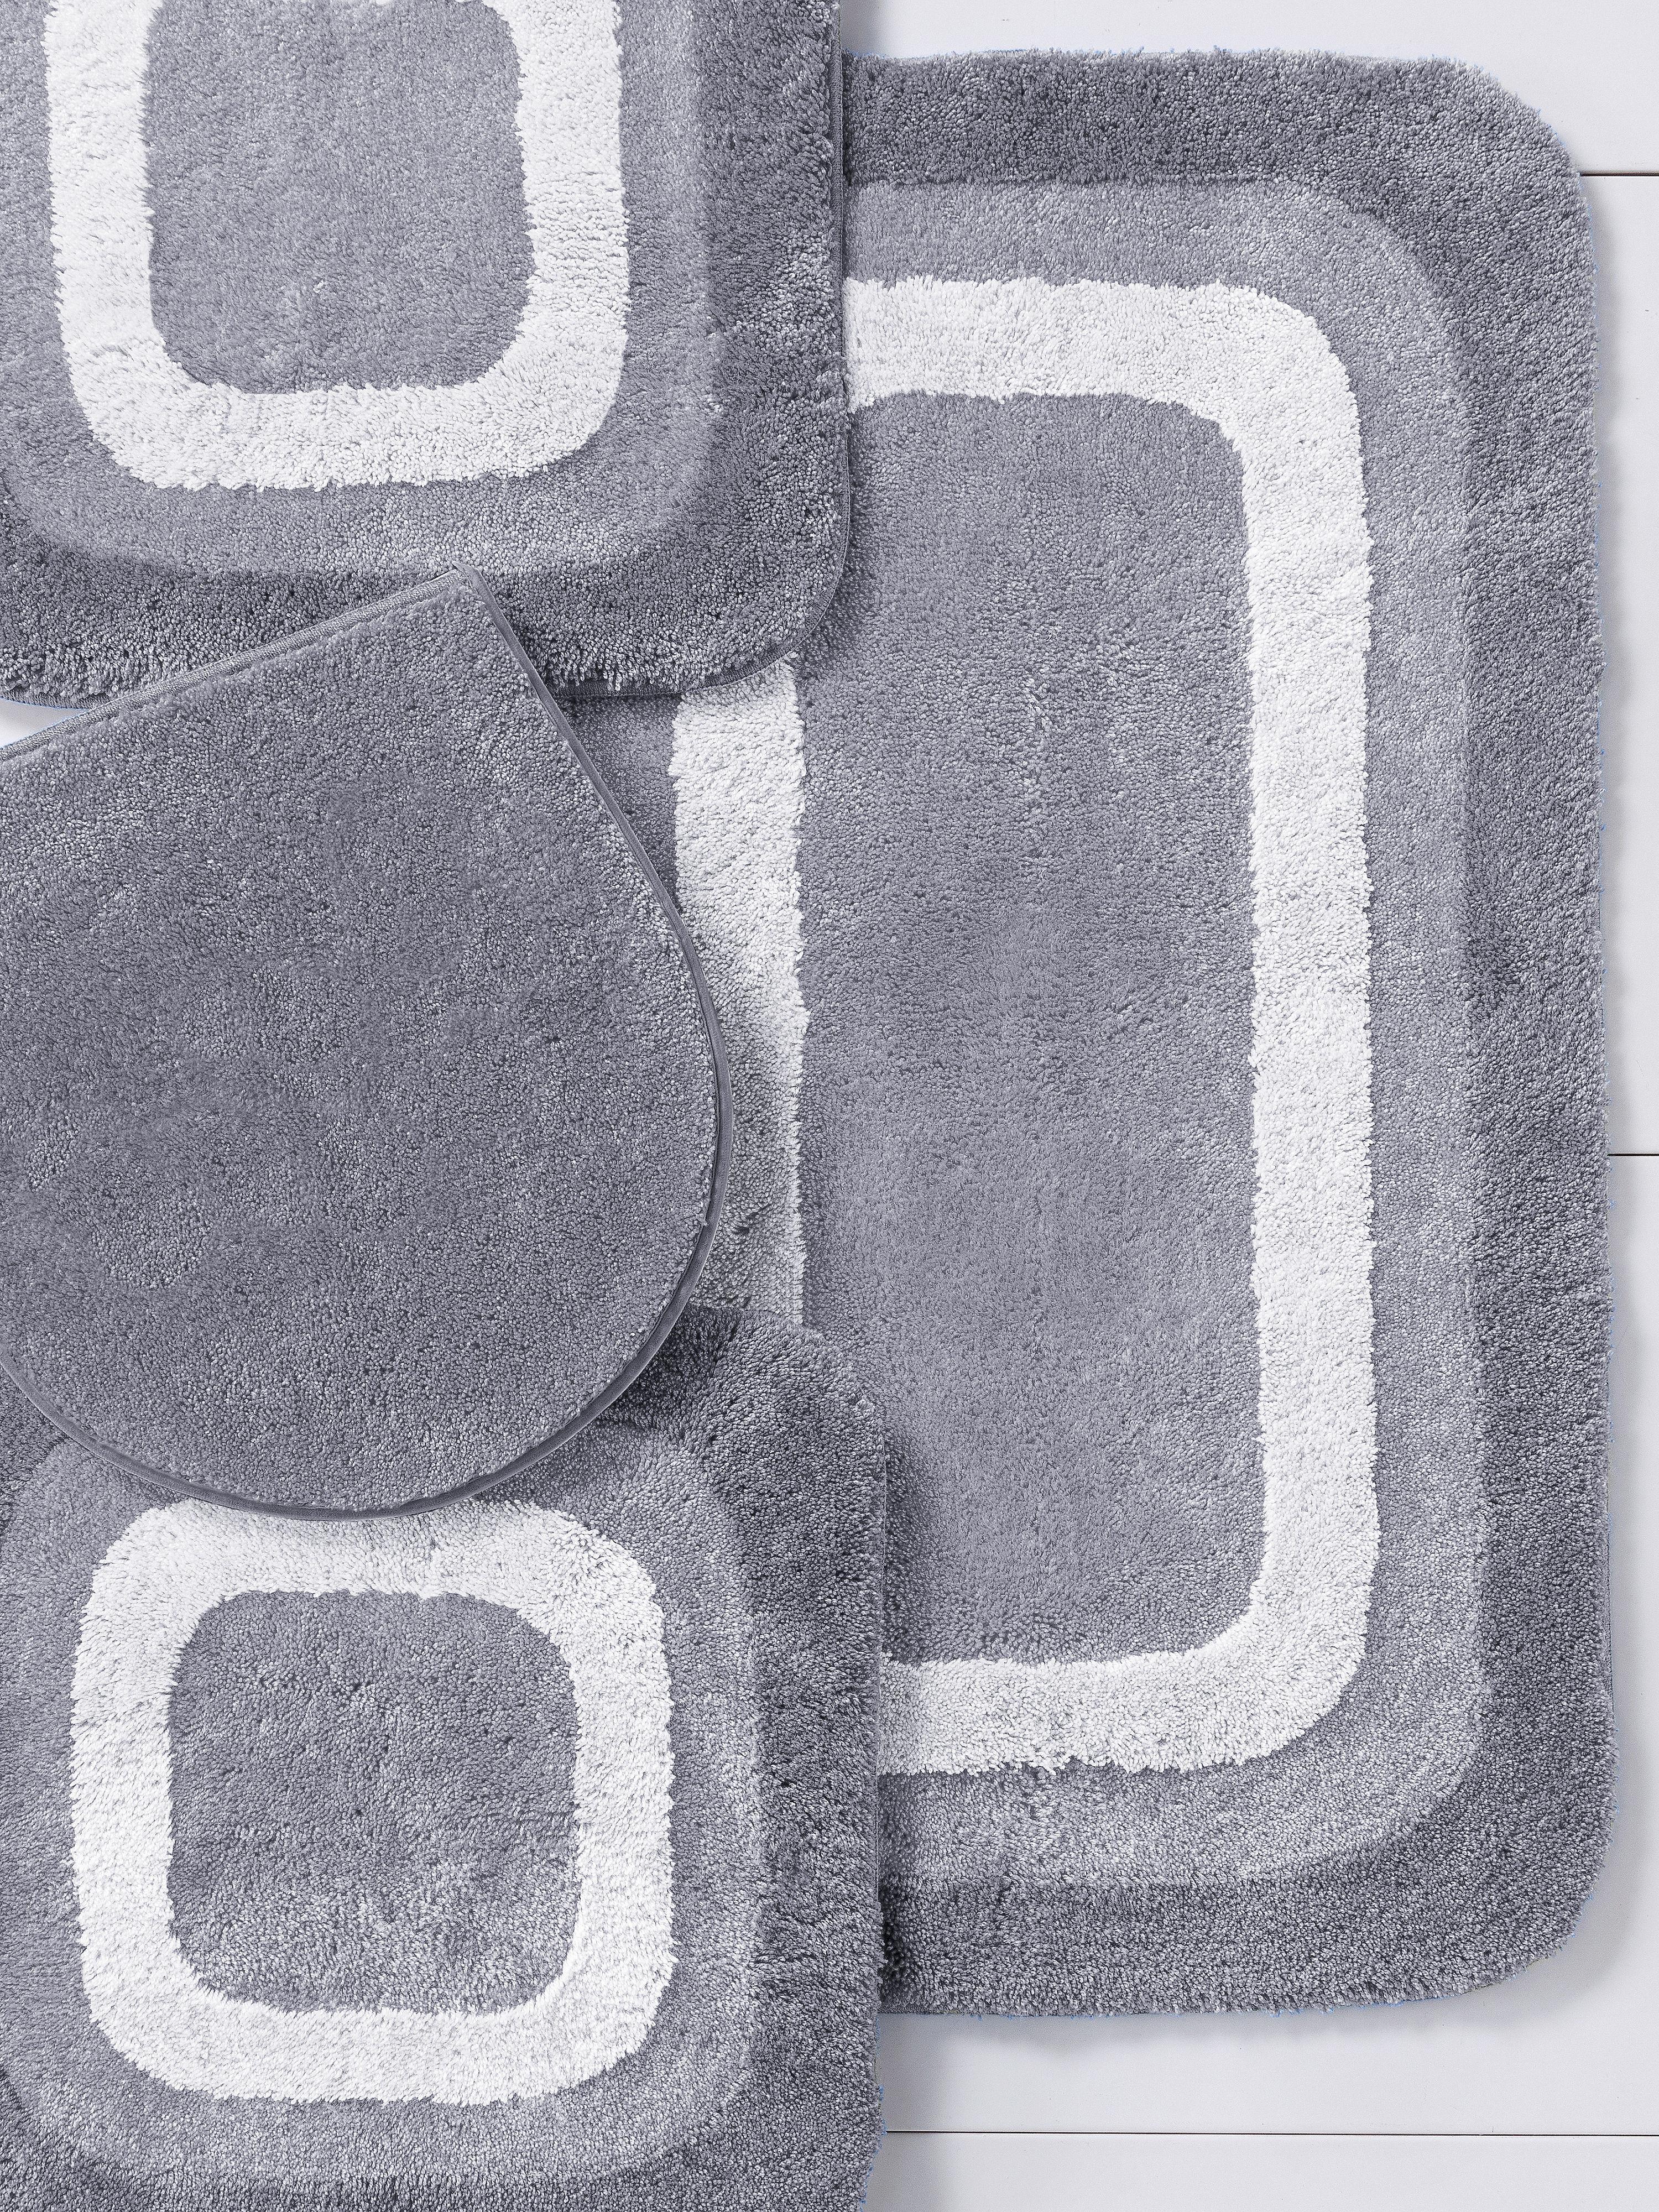 Grund Matte ca. 70x120cm Grund grau